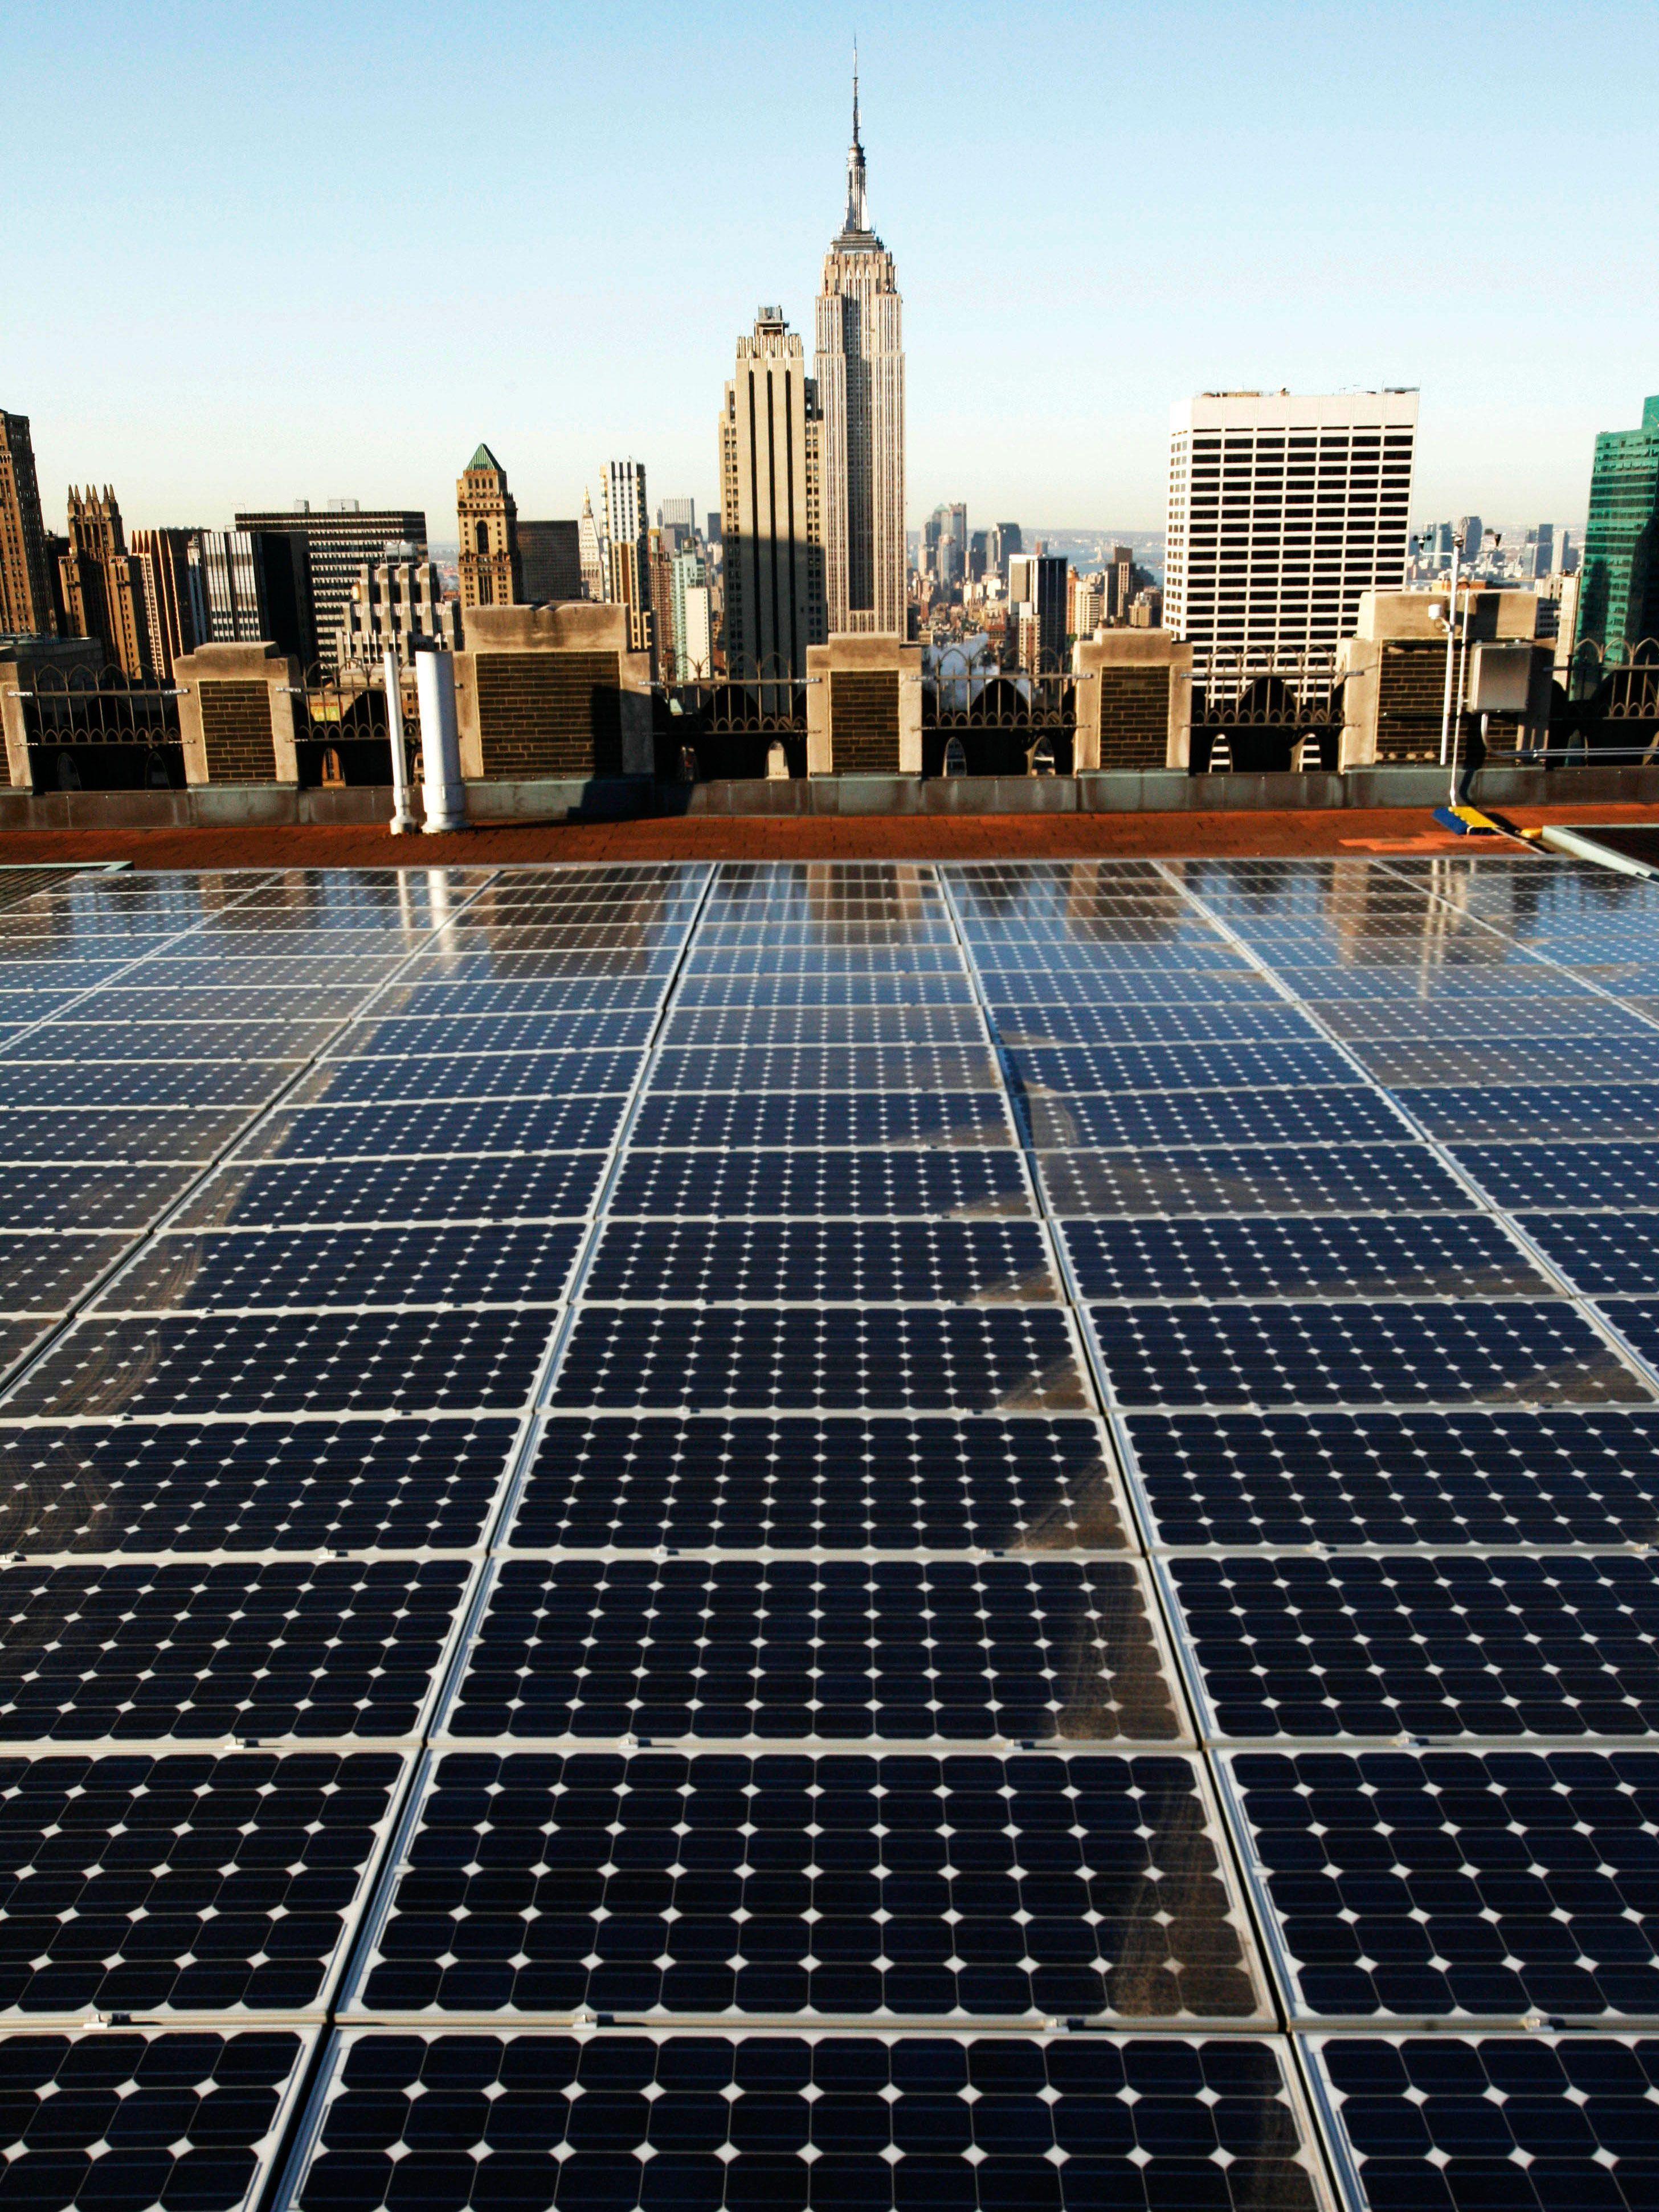 New york tetti in affitto per aumentare energia solare for Casa a new york affitto